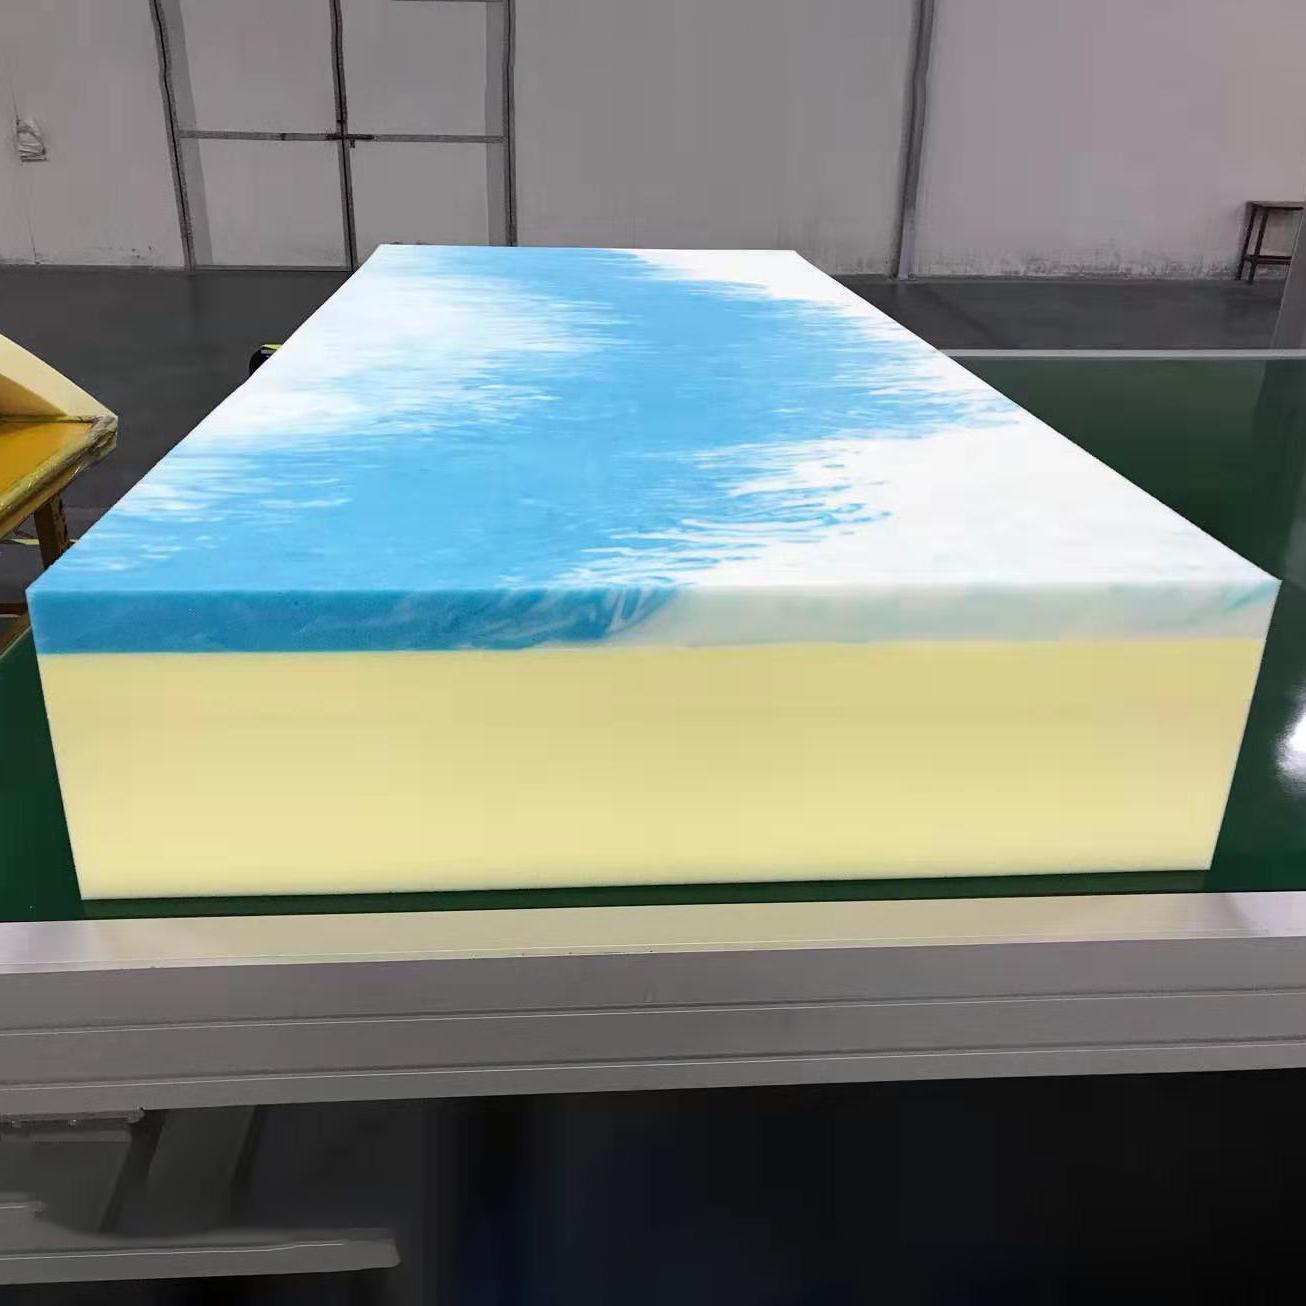 colchon memory foam mattress gel memory foam mattress and box Airgocell-foam mattress colchon - Jozy Mattress | Jozy.net